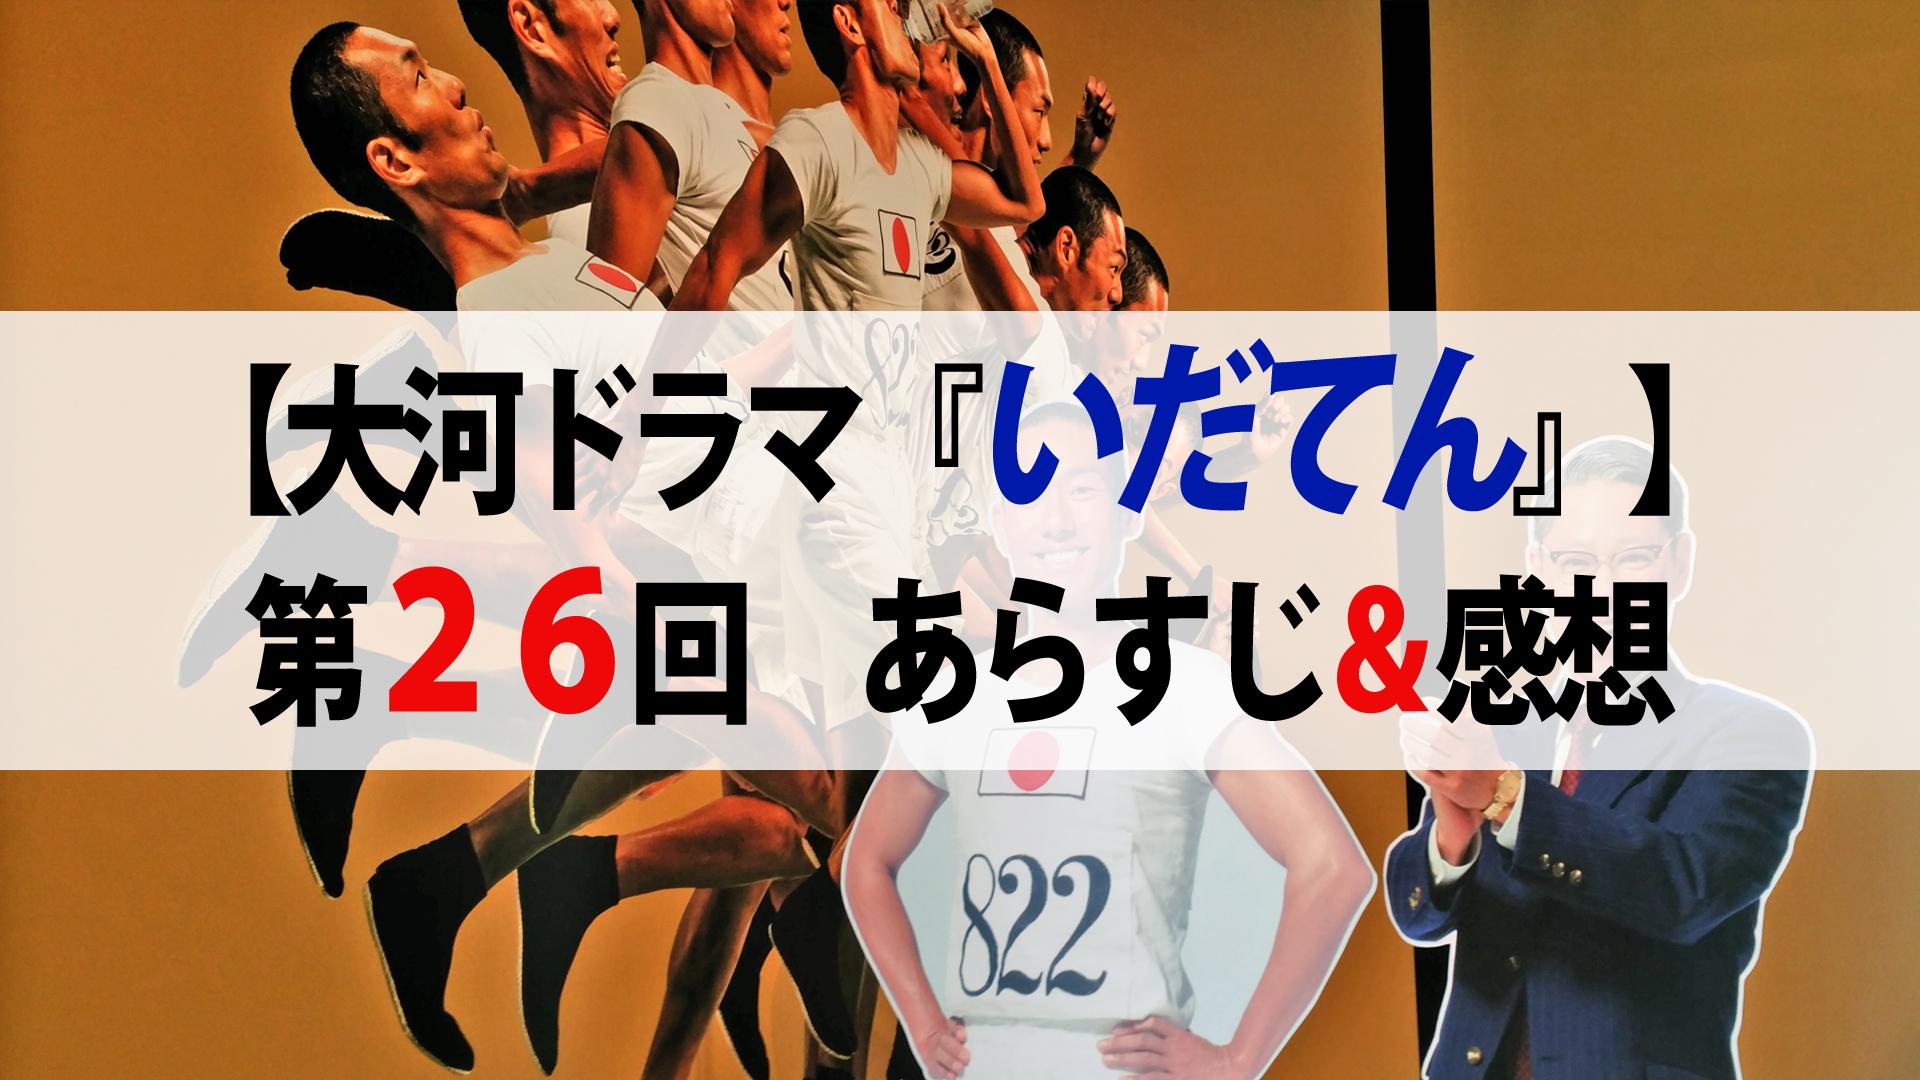 【大河ドラマ『いだてん』】第26回『明日なき暴走』あらすじ&感想